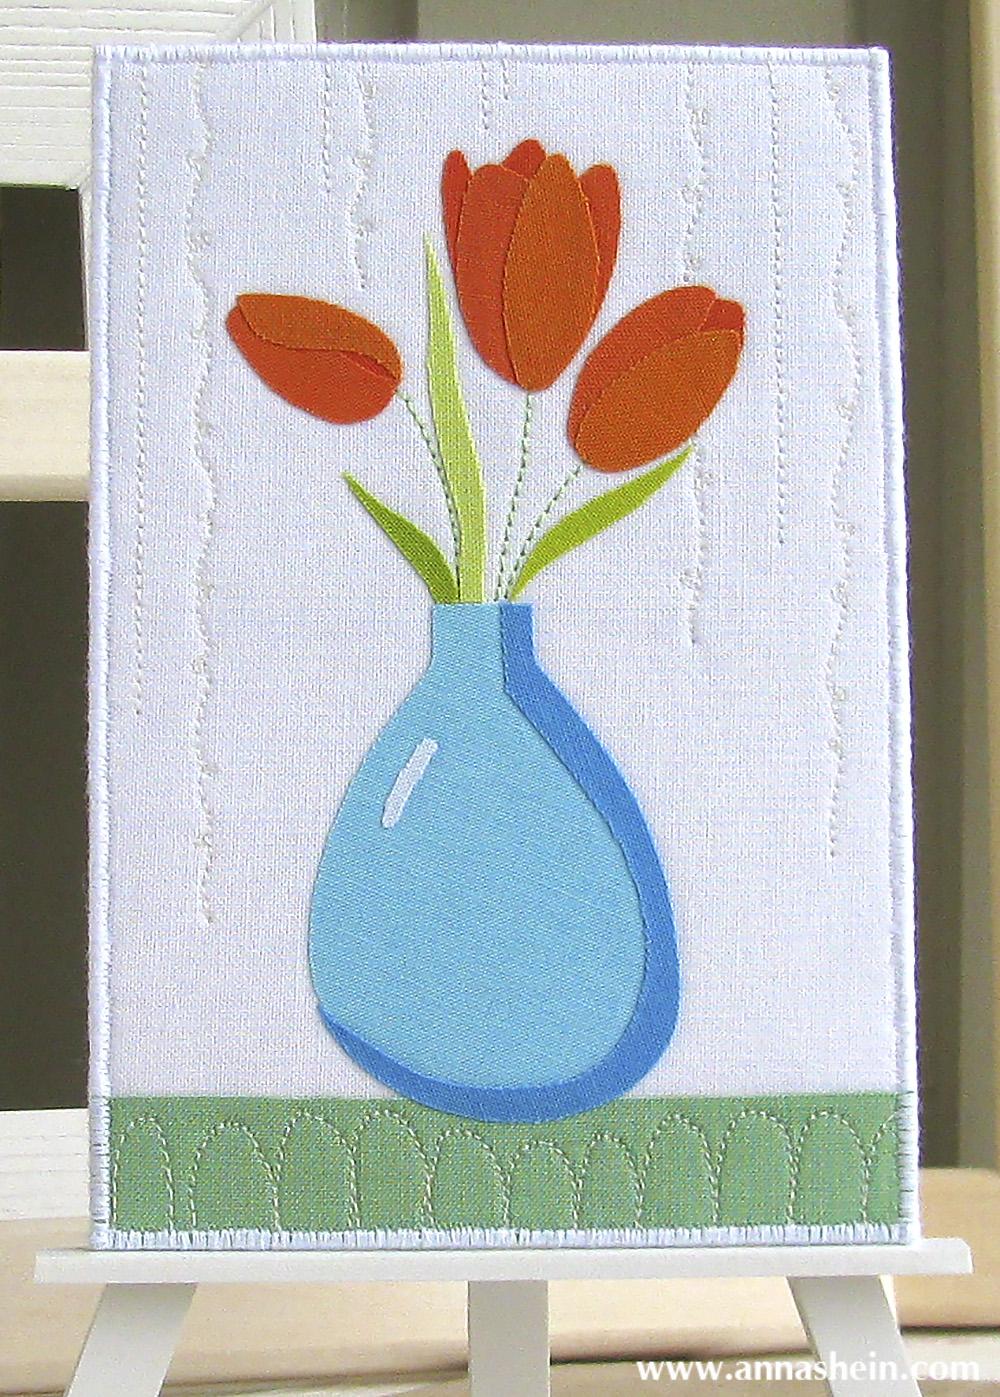 """Лоскутная открытка """"8 марта. Тюльпаны."""" 2014 г. Шеин Анна"""